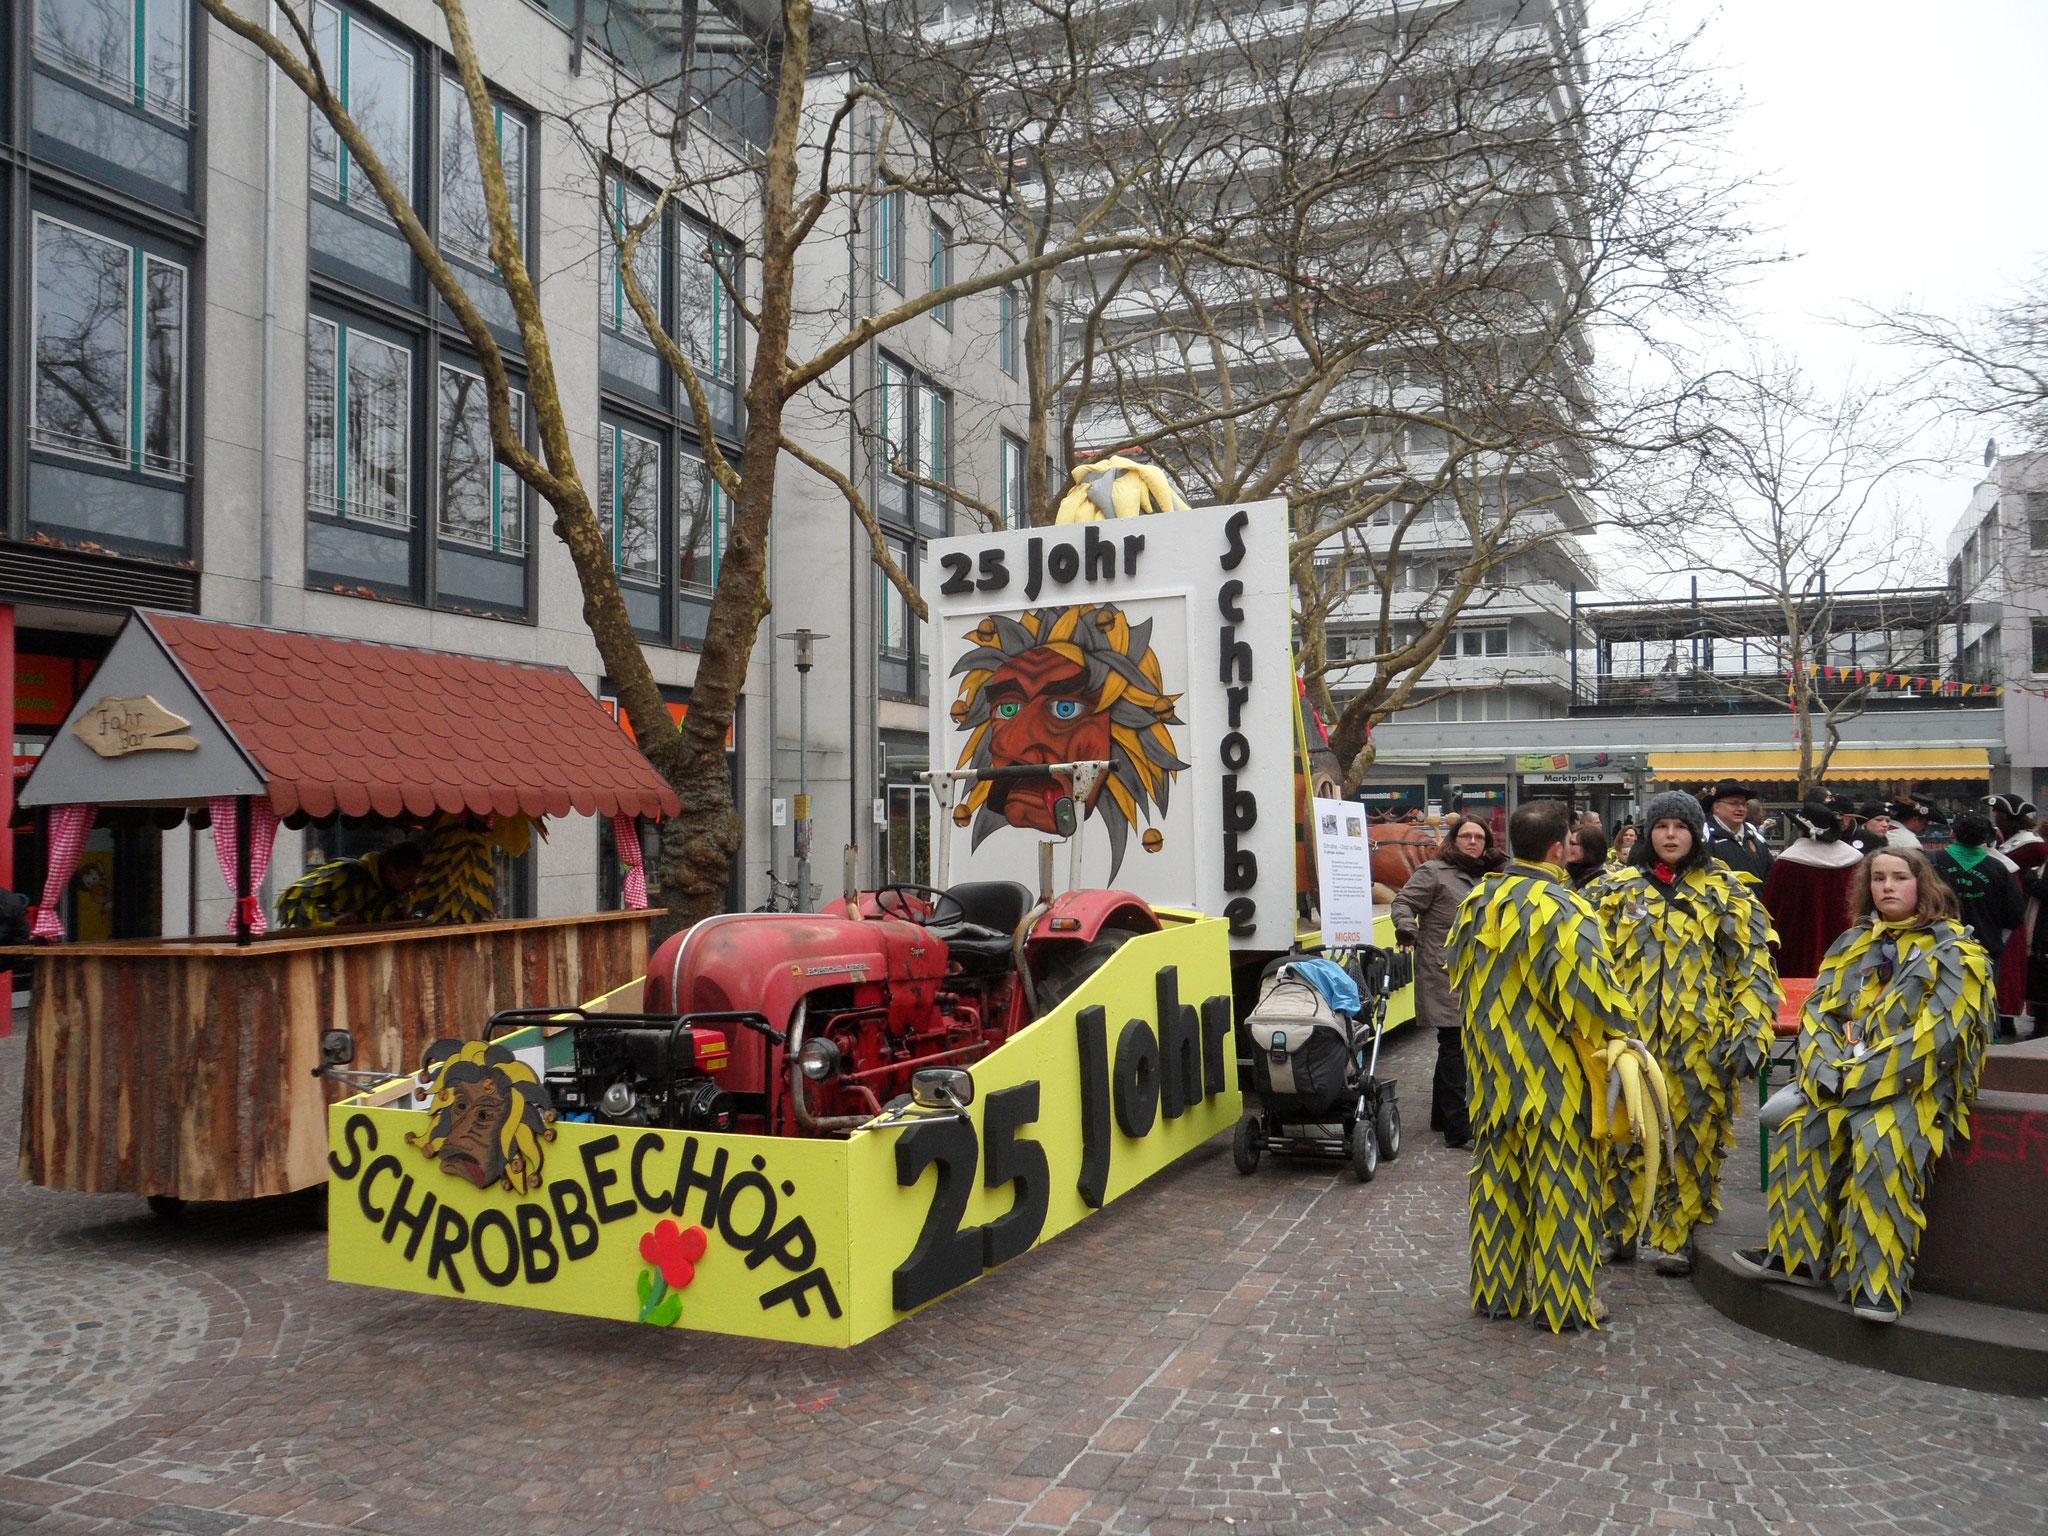 2011 25 Johr Hättsch des dänggt?